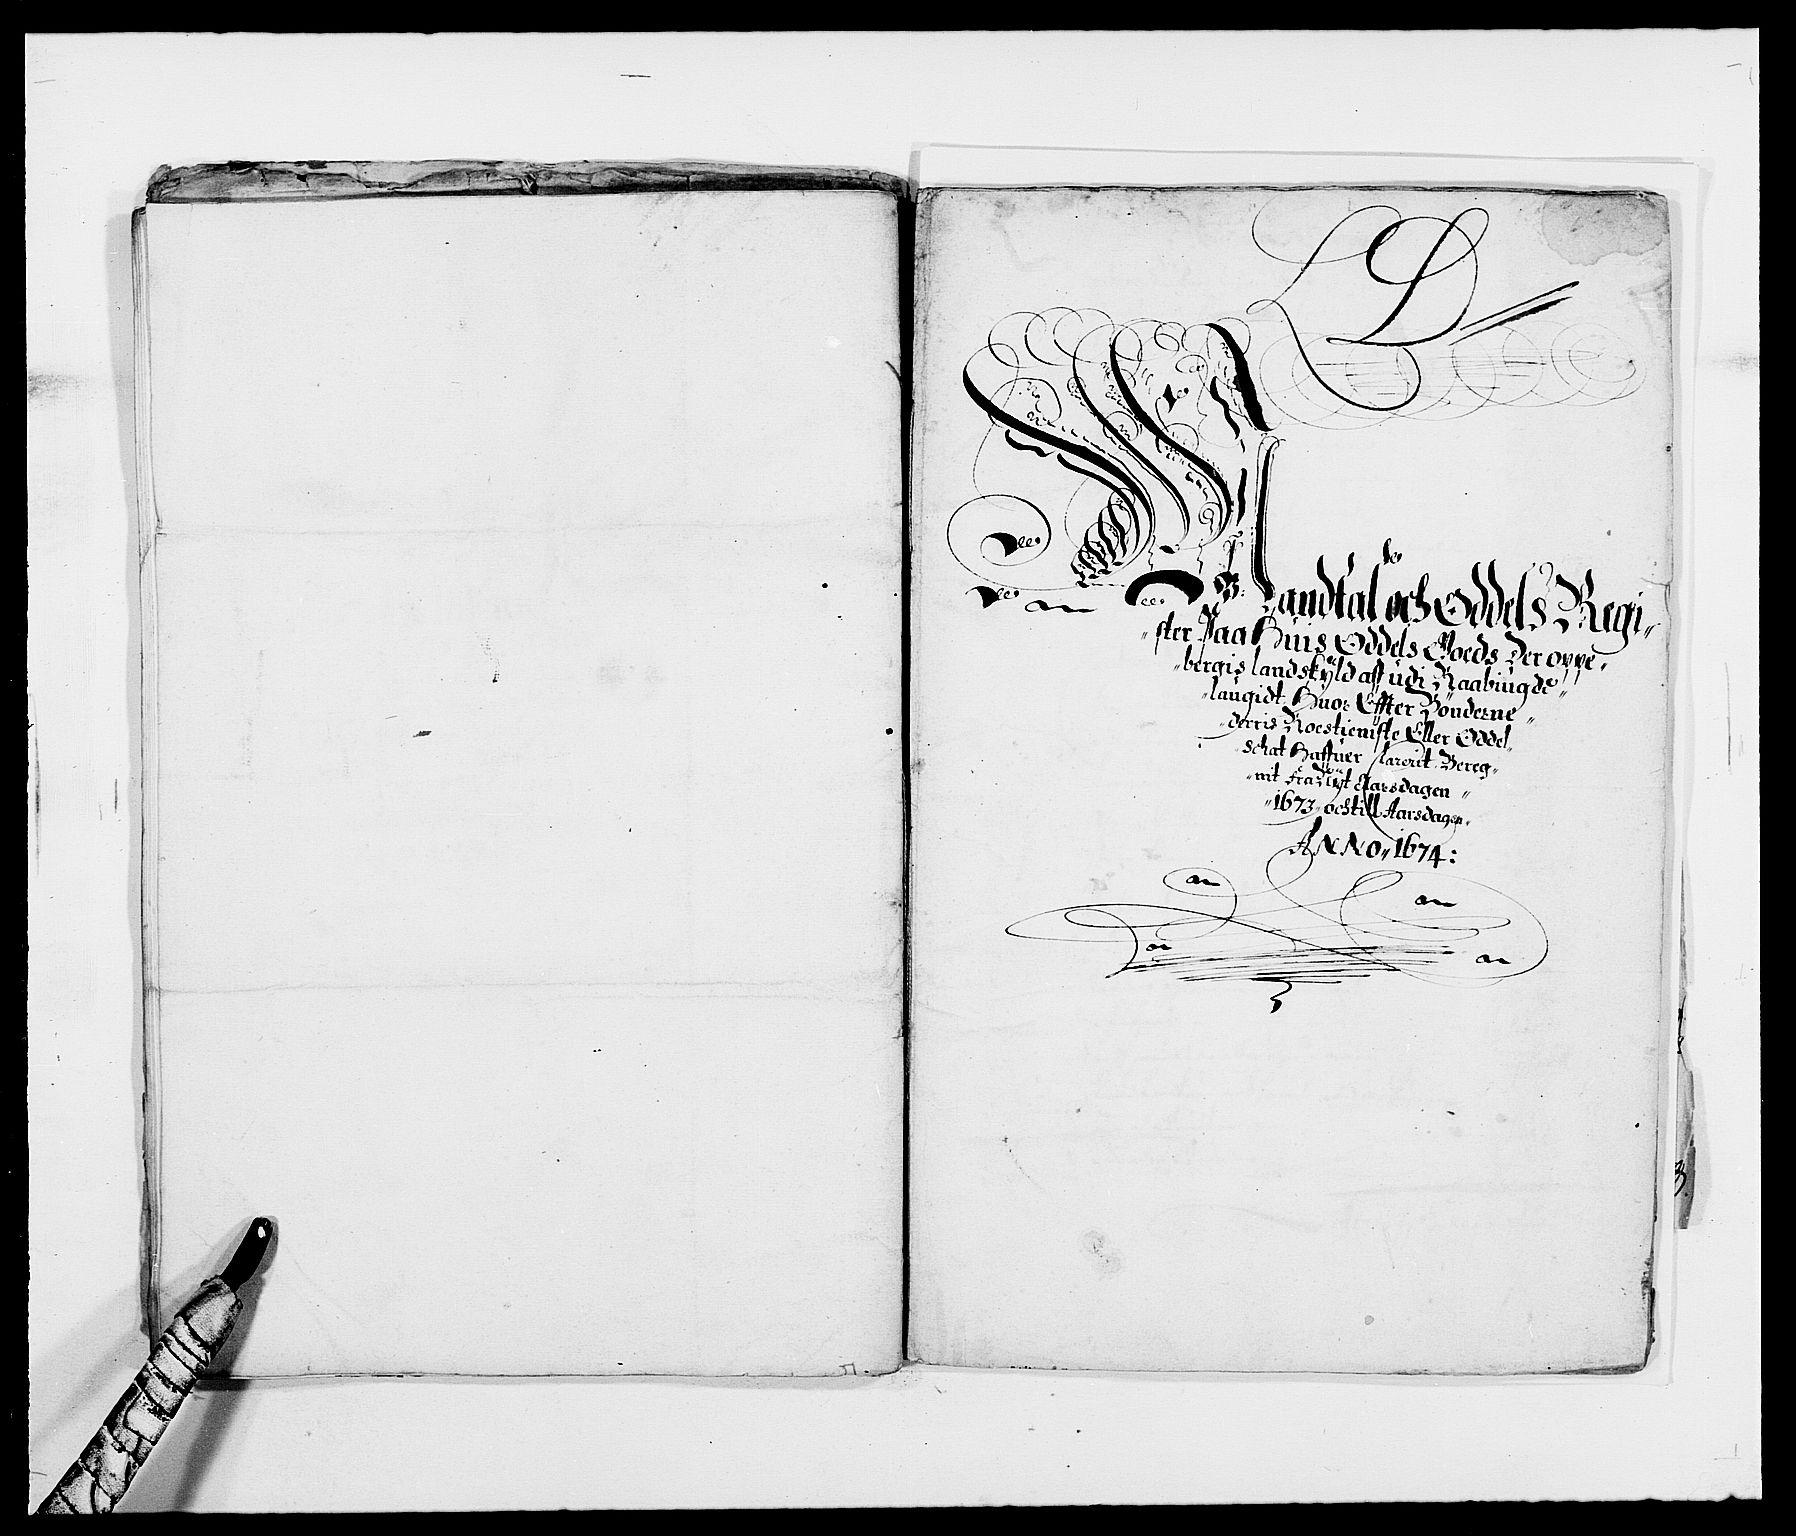 RA, Rentekammeret inntil 1814, Reviderte regnskaper, Fogderegnskap, R40/L2433: Fogderegnskap Råbyggelag, 1671-1674, s. 196